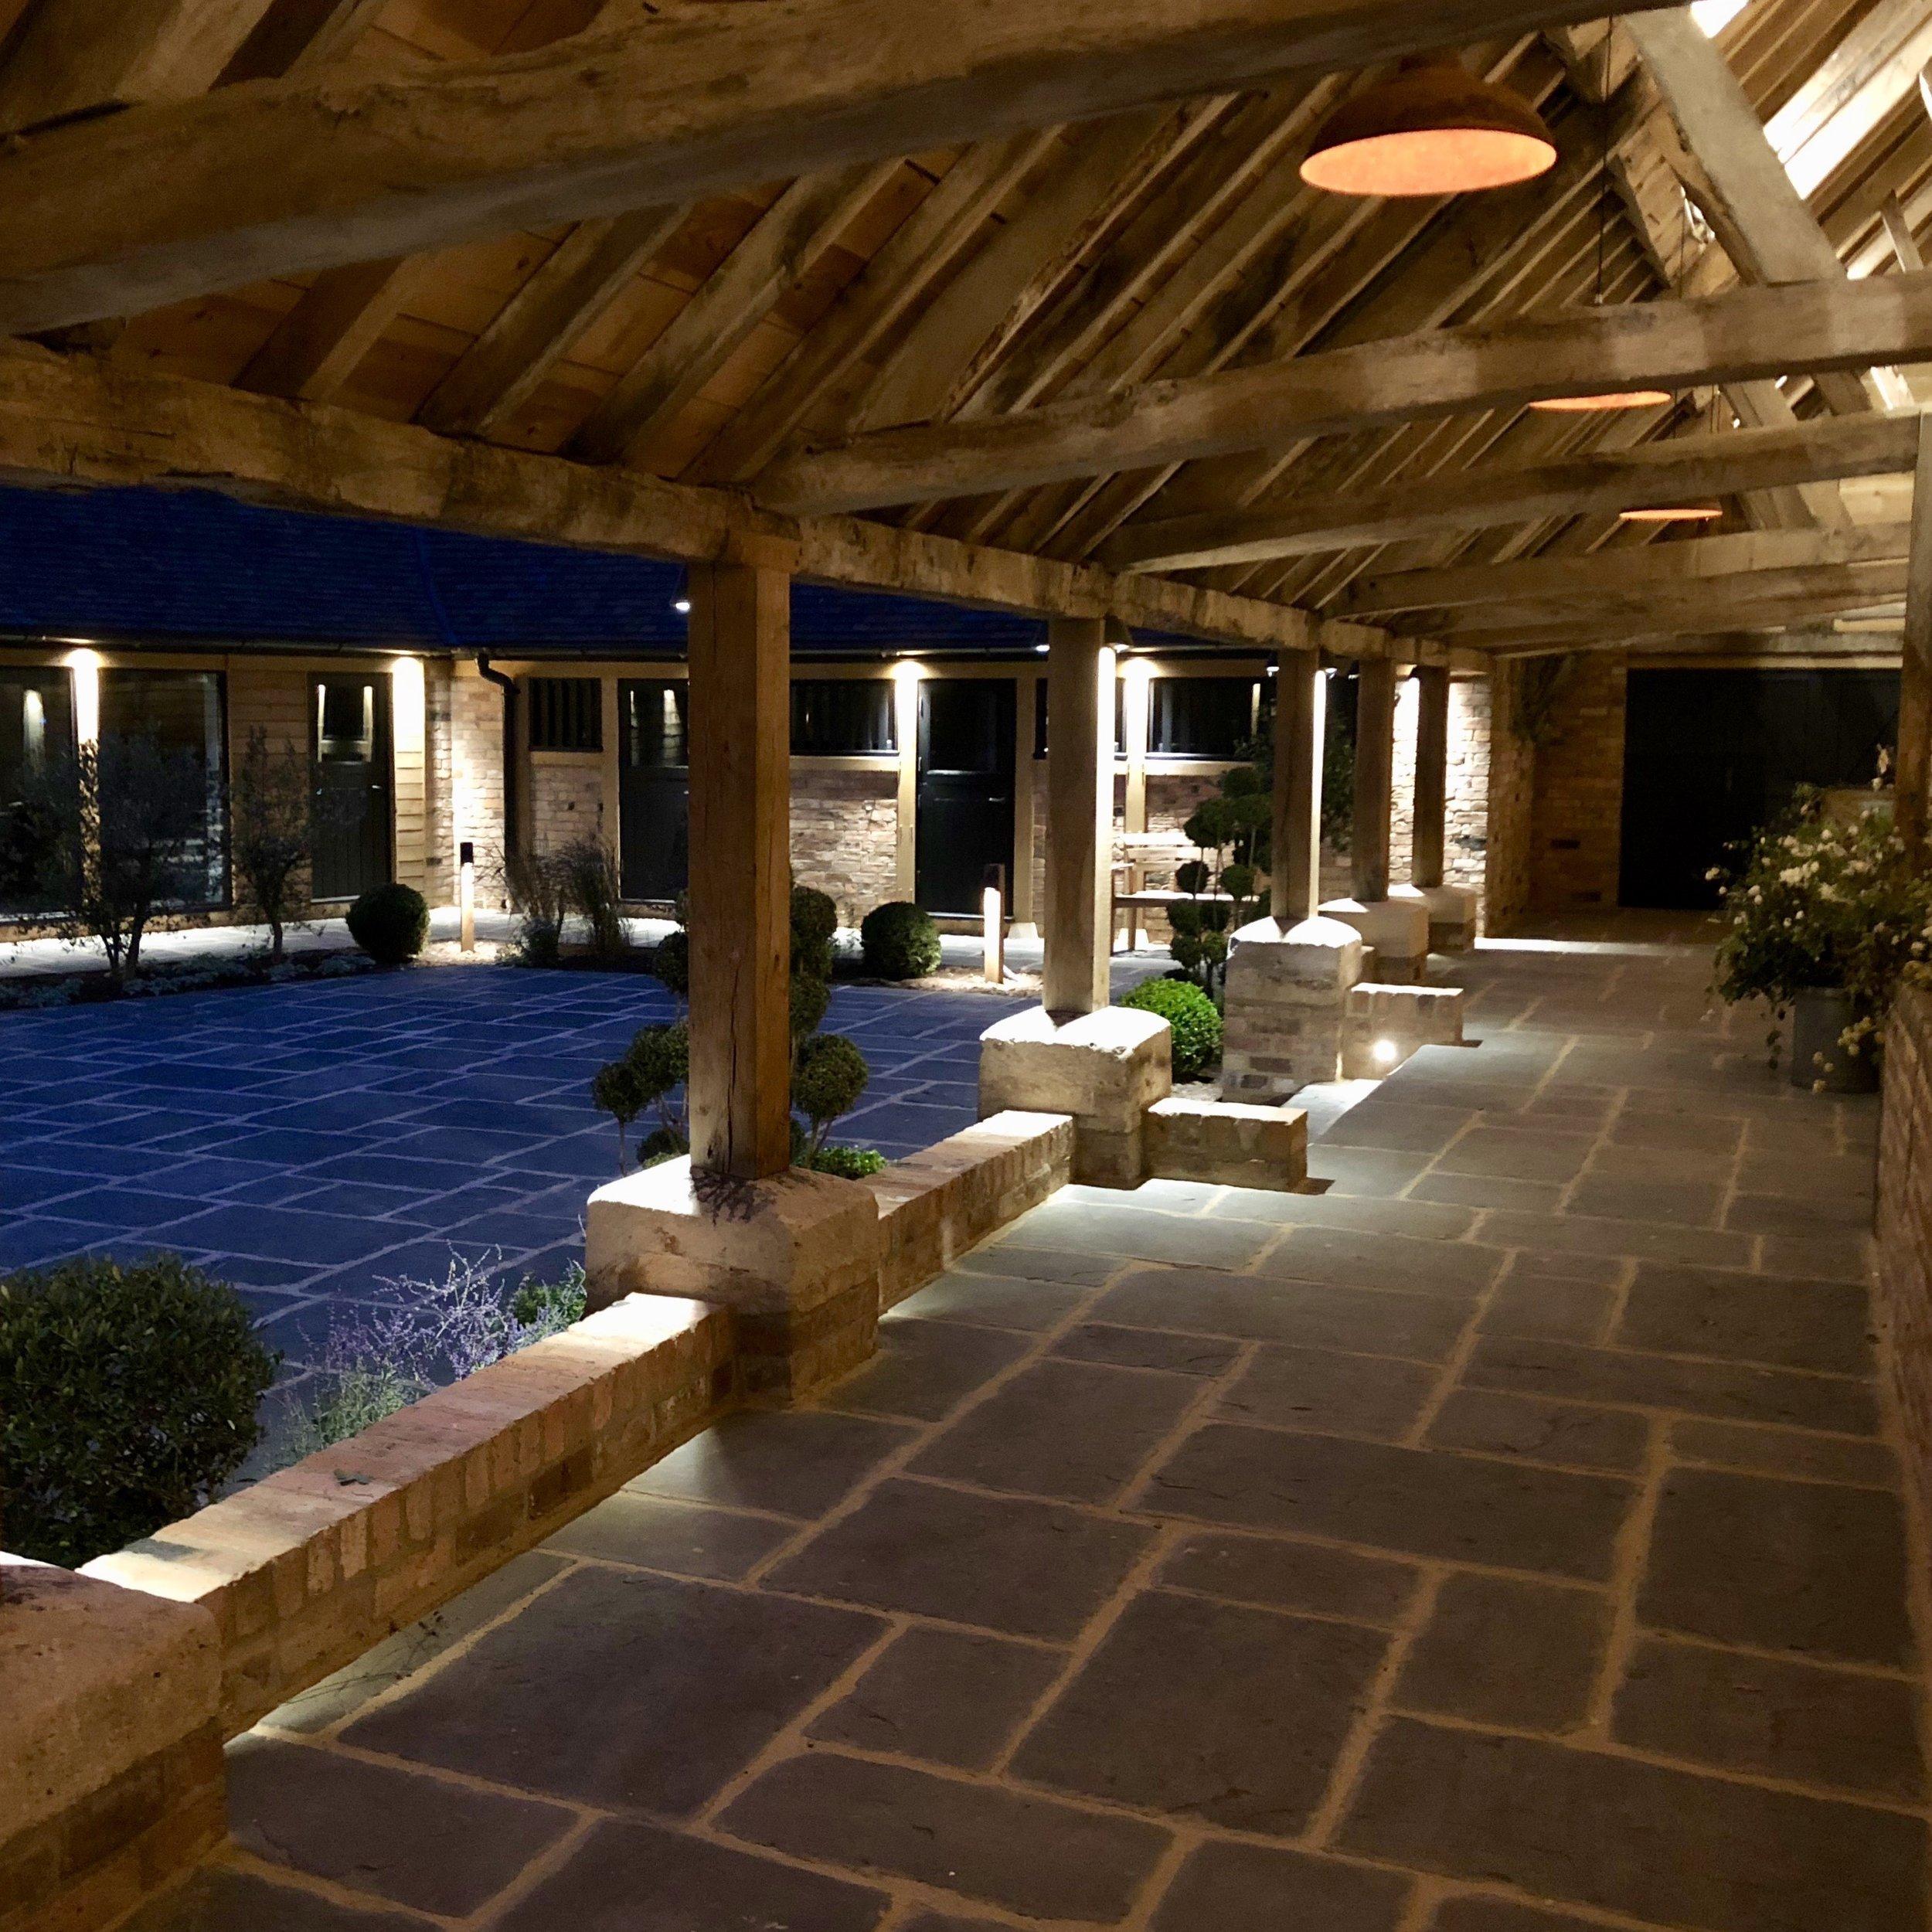 Barns and Yard Courtyard at night 2.jpg